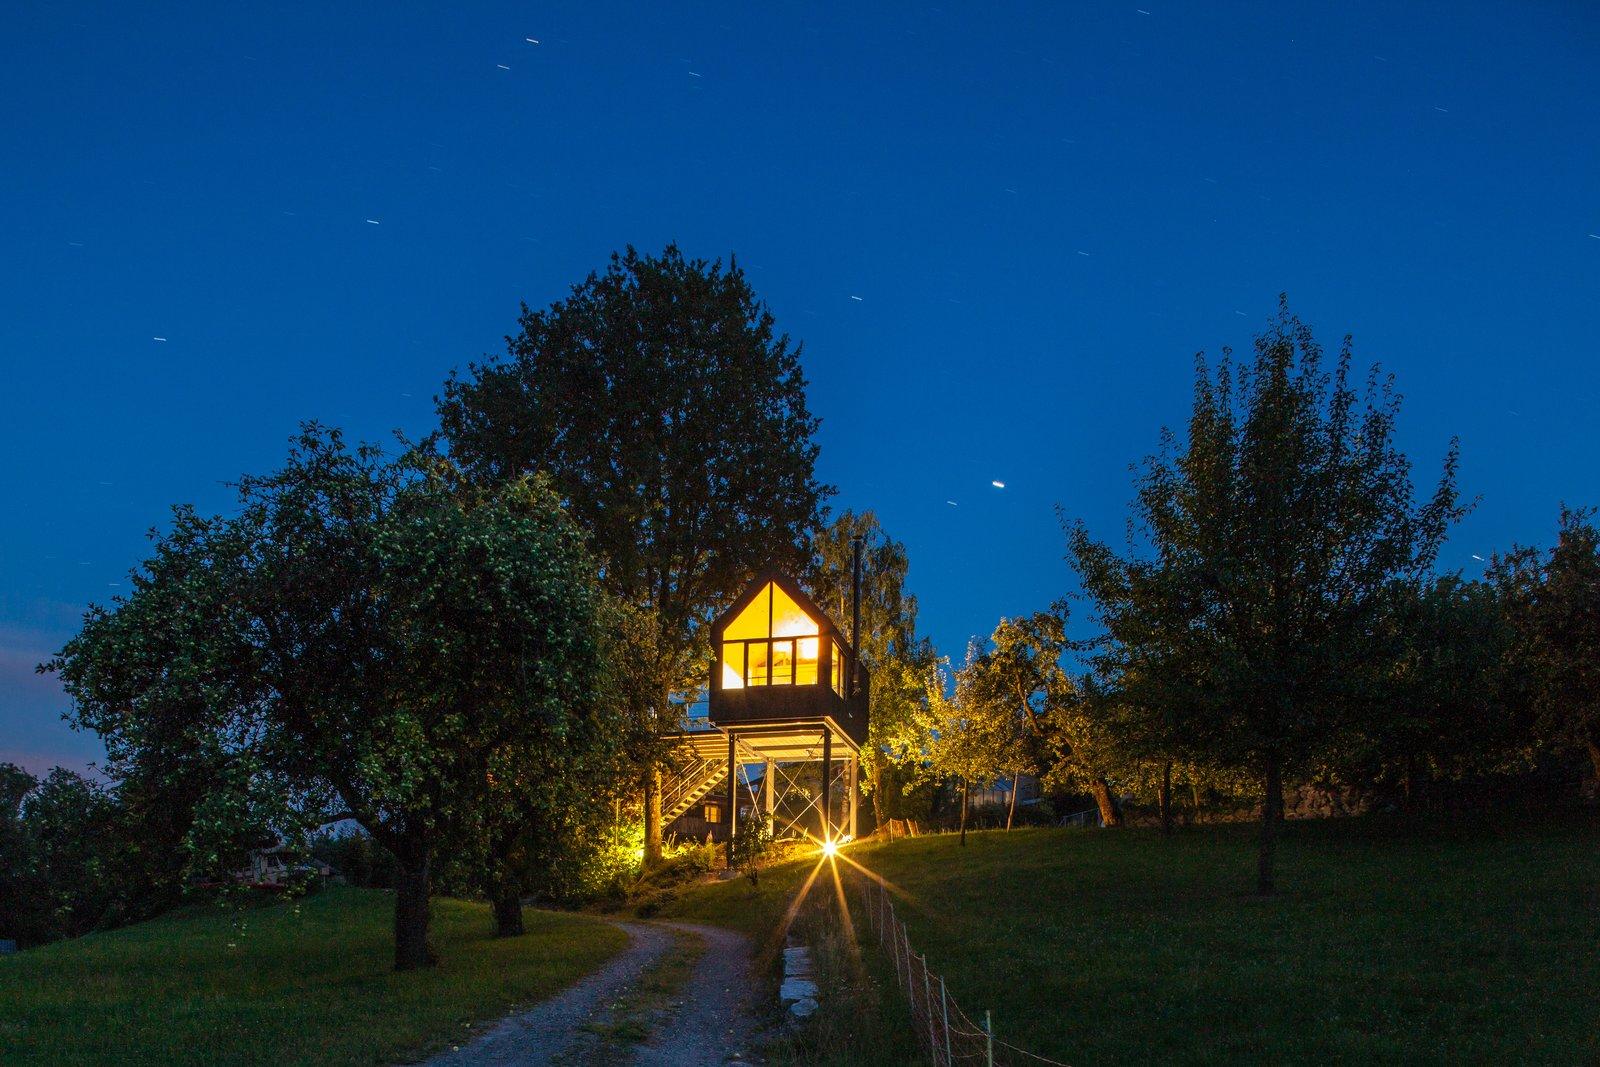 Baumhaus tree house prefab